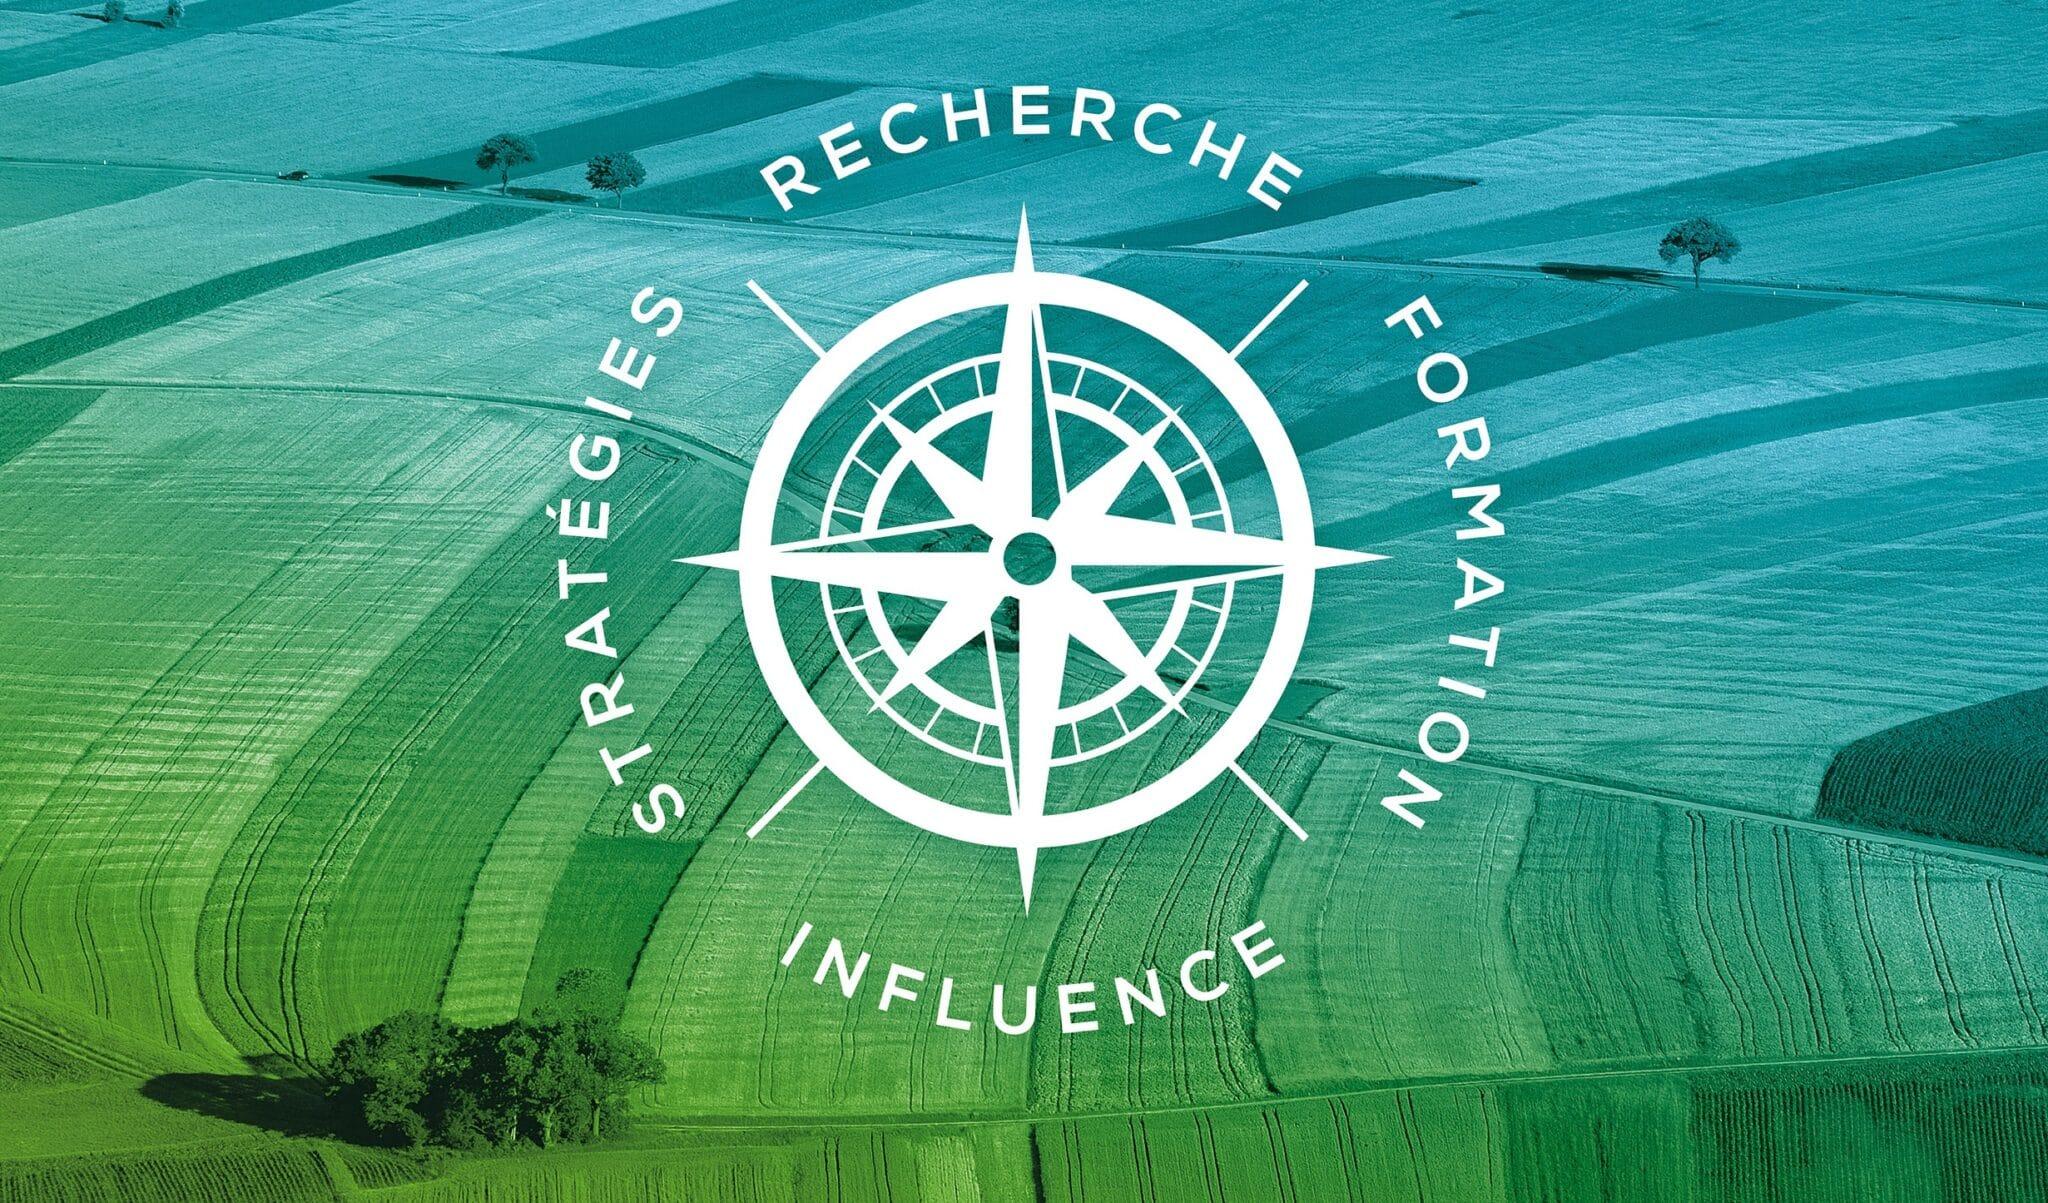 Newsletter n°28 : Souveraineté alimentaire, révision de la politique commerciale européenne, relance américaine